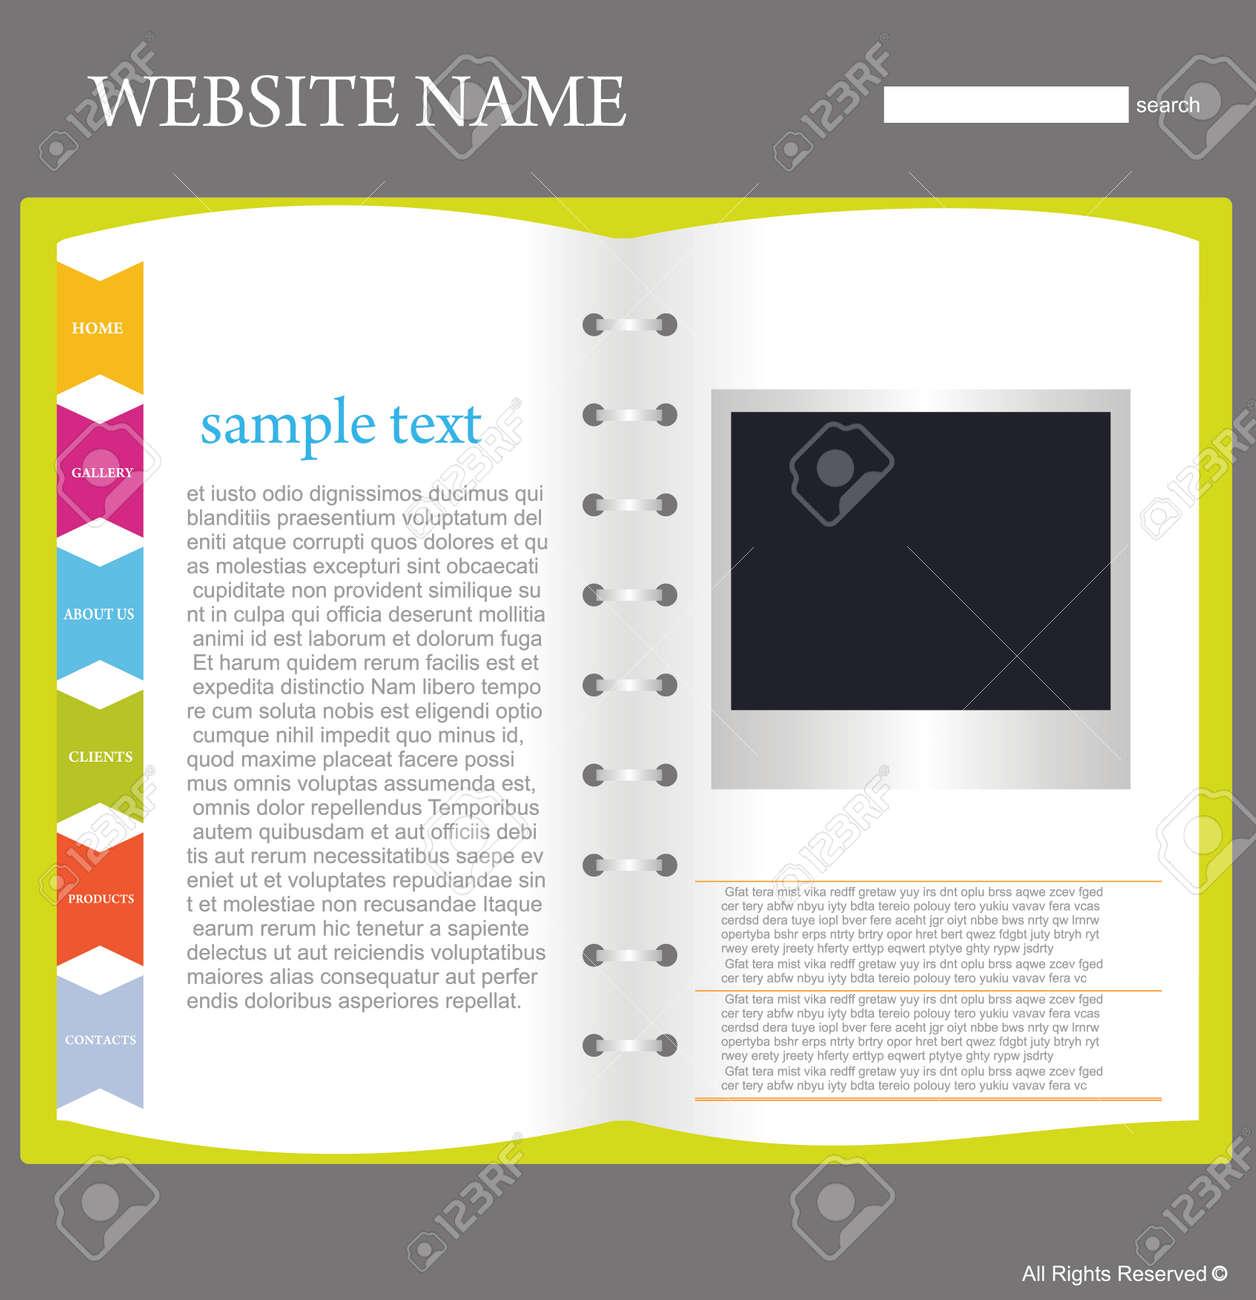 website design template Stock Vector - 5667772